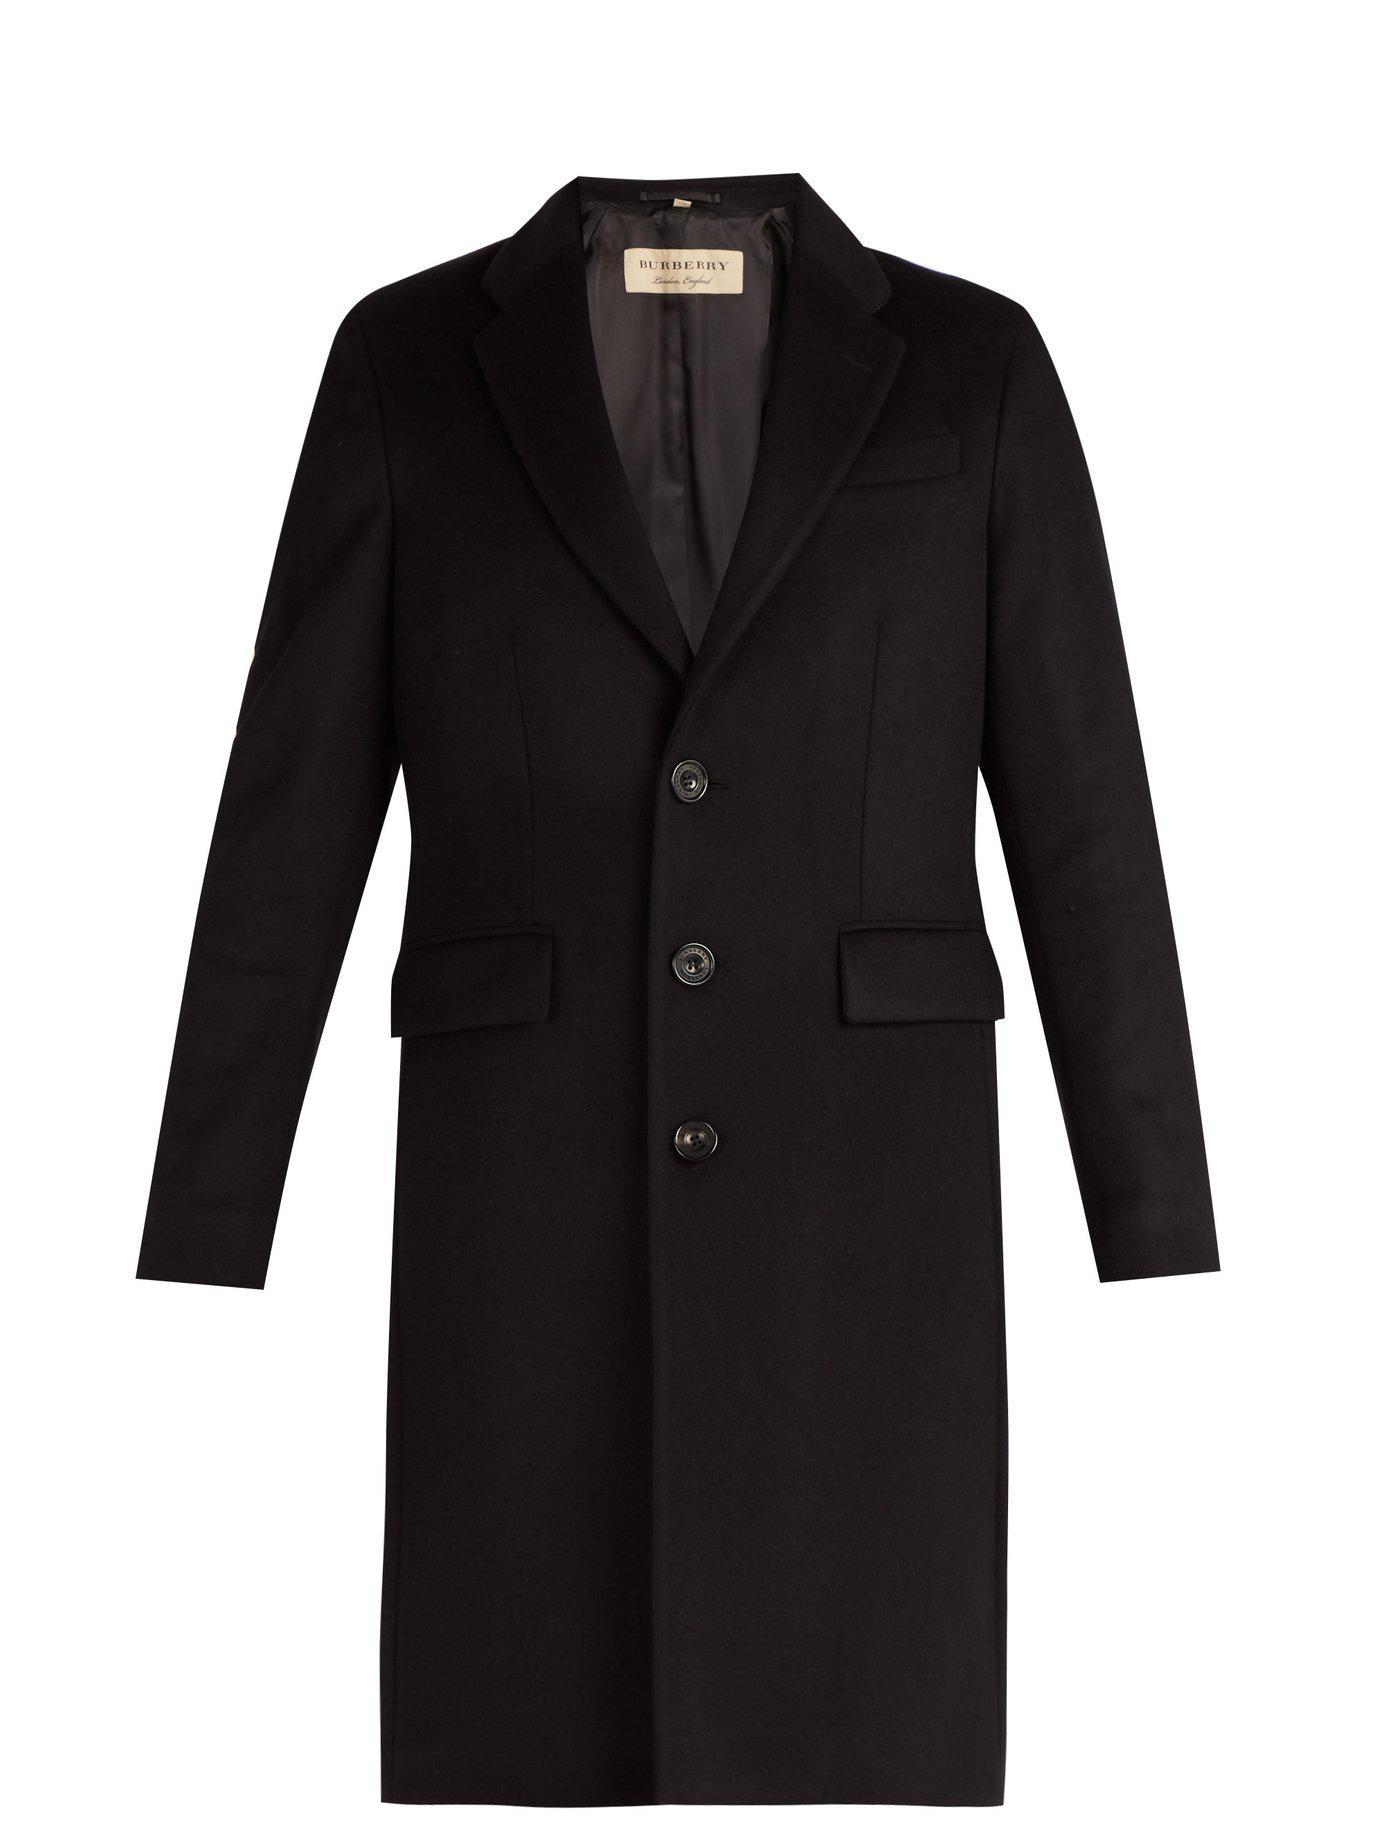 Lyst - Pardessus en laine et cachemire à boutonnage simple Burberry ... 56fd0b6f01d